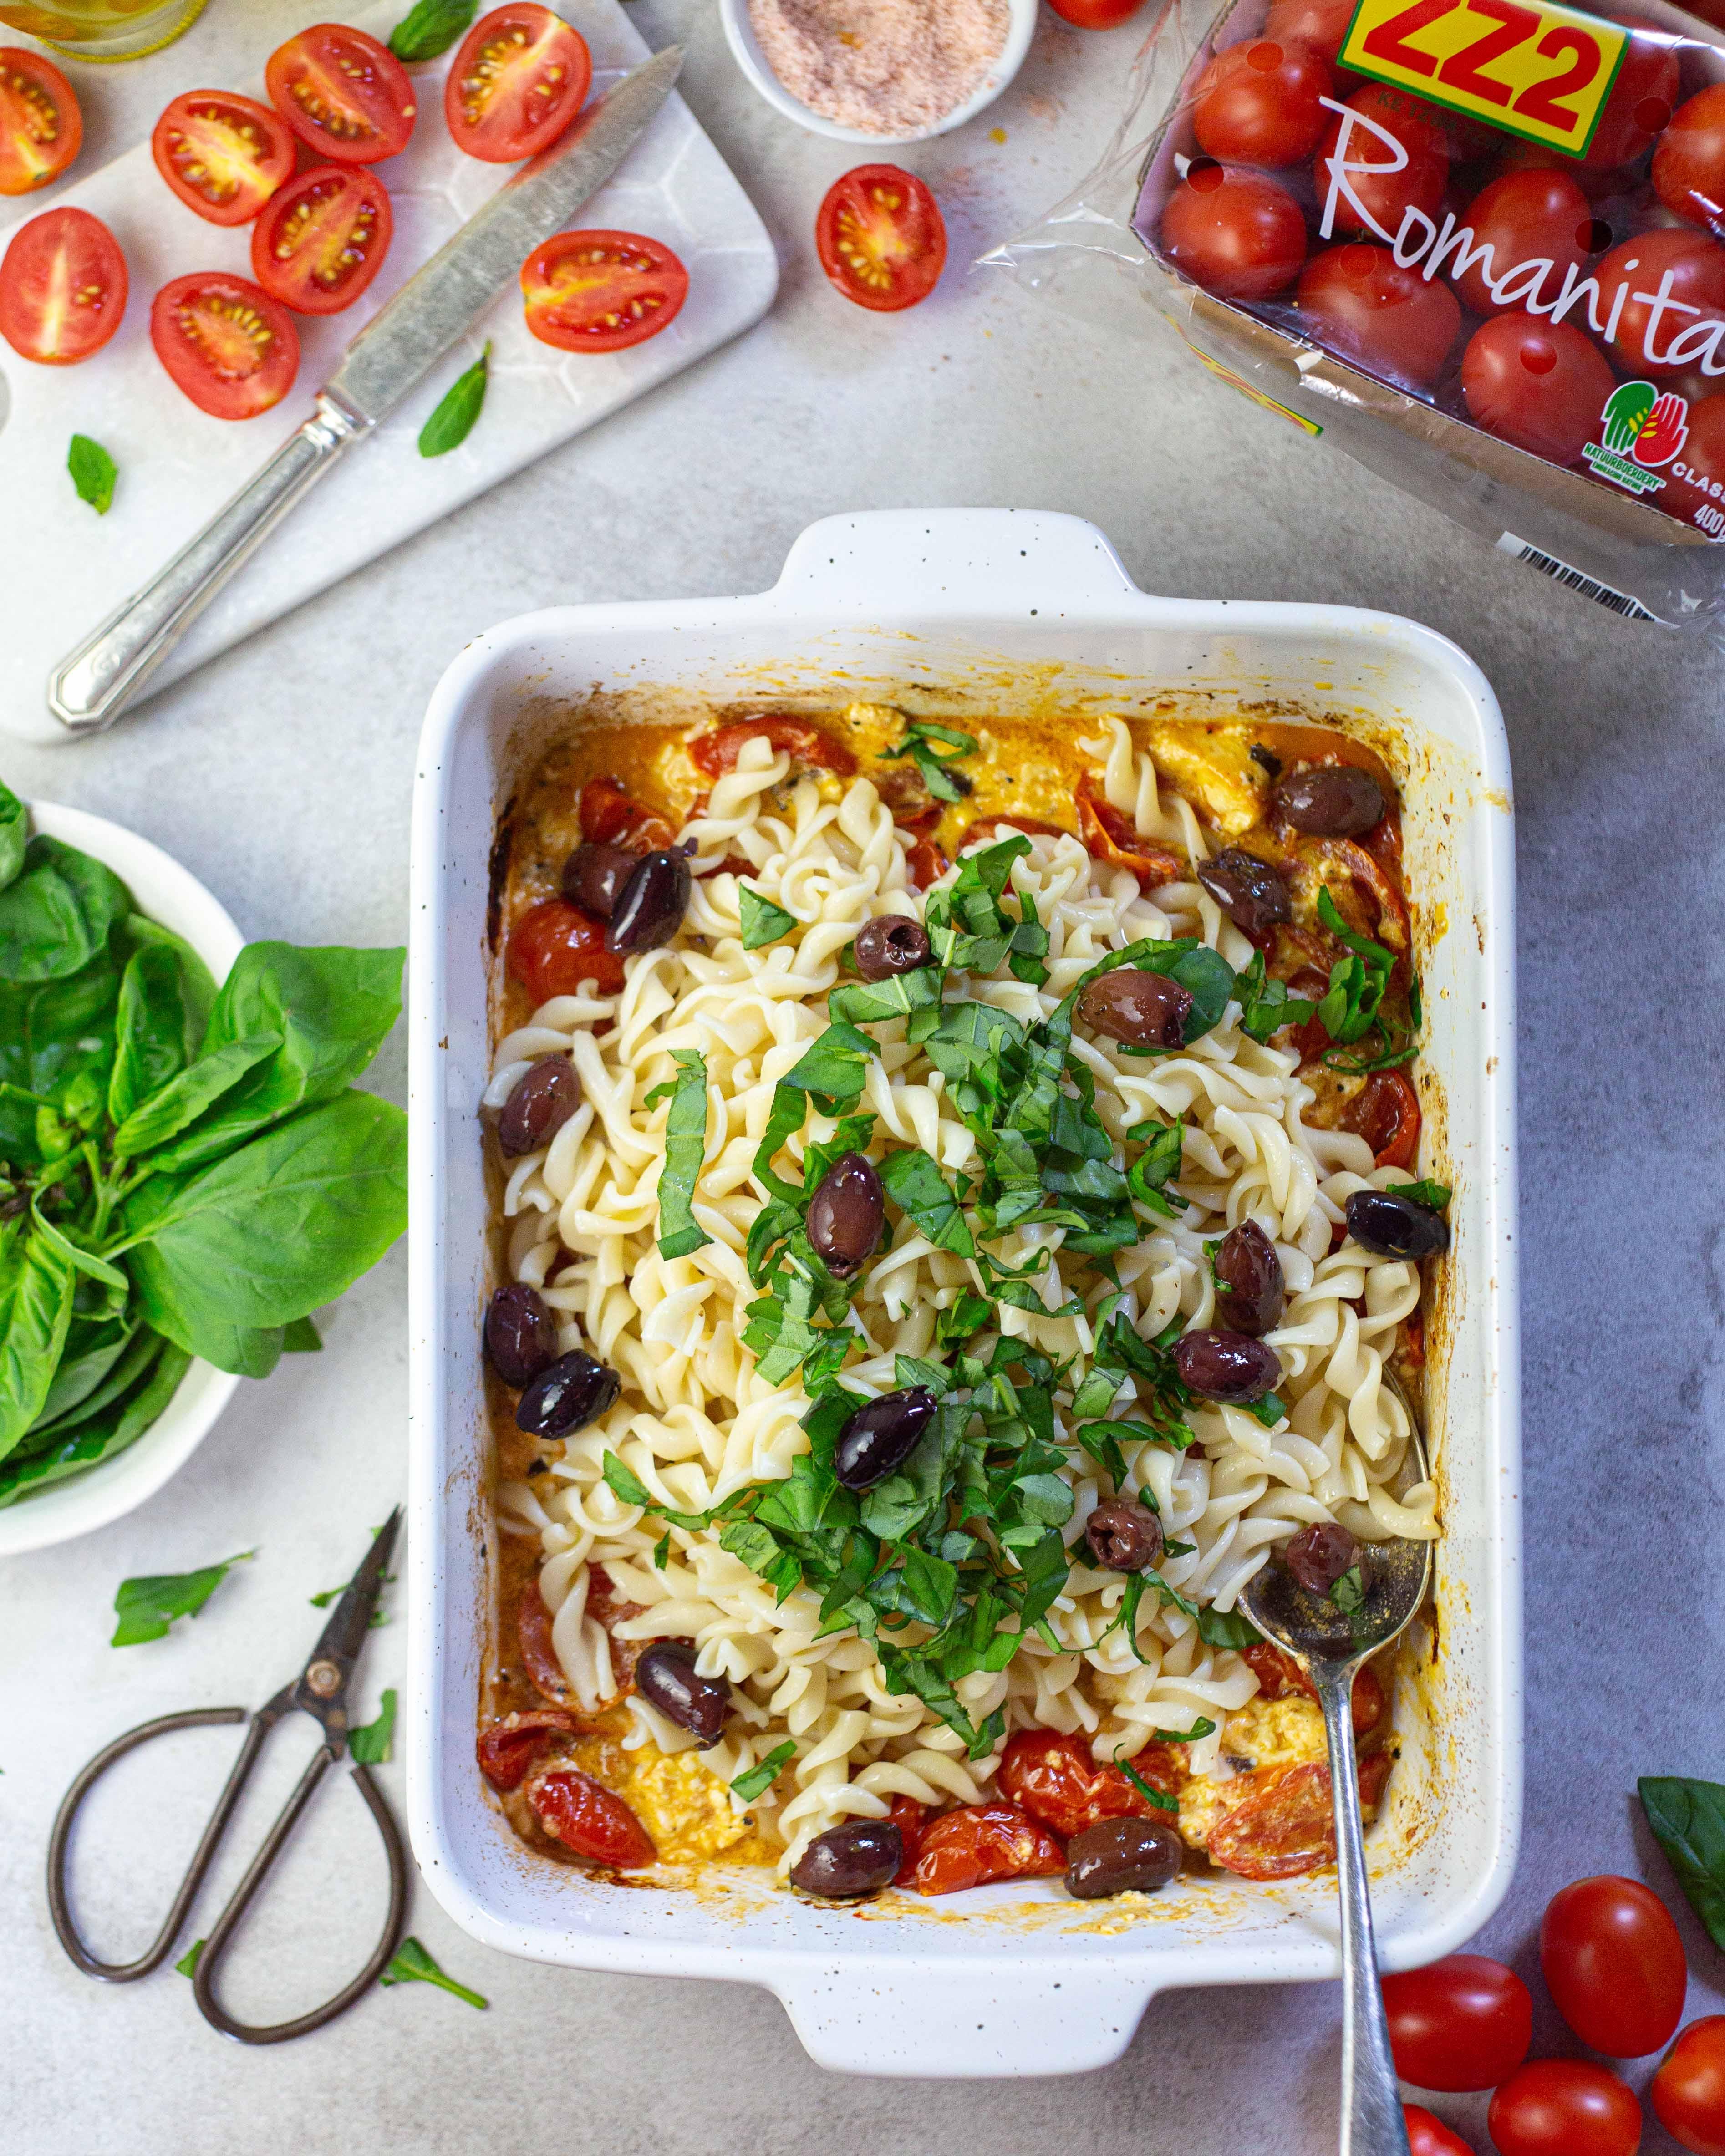 Romanita Tomato Feta Pasta Bake